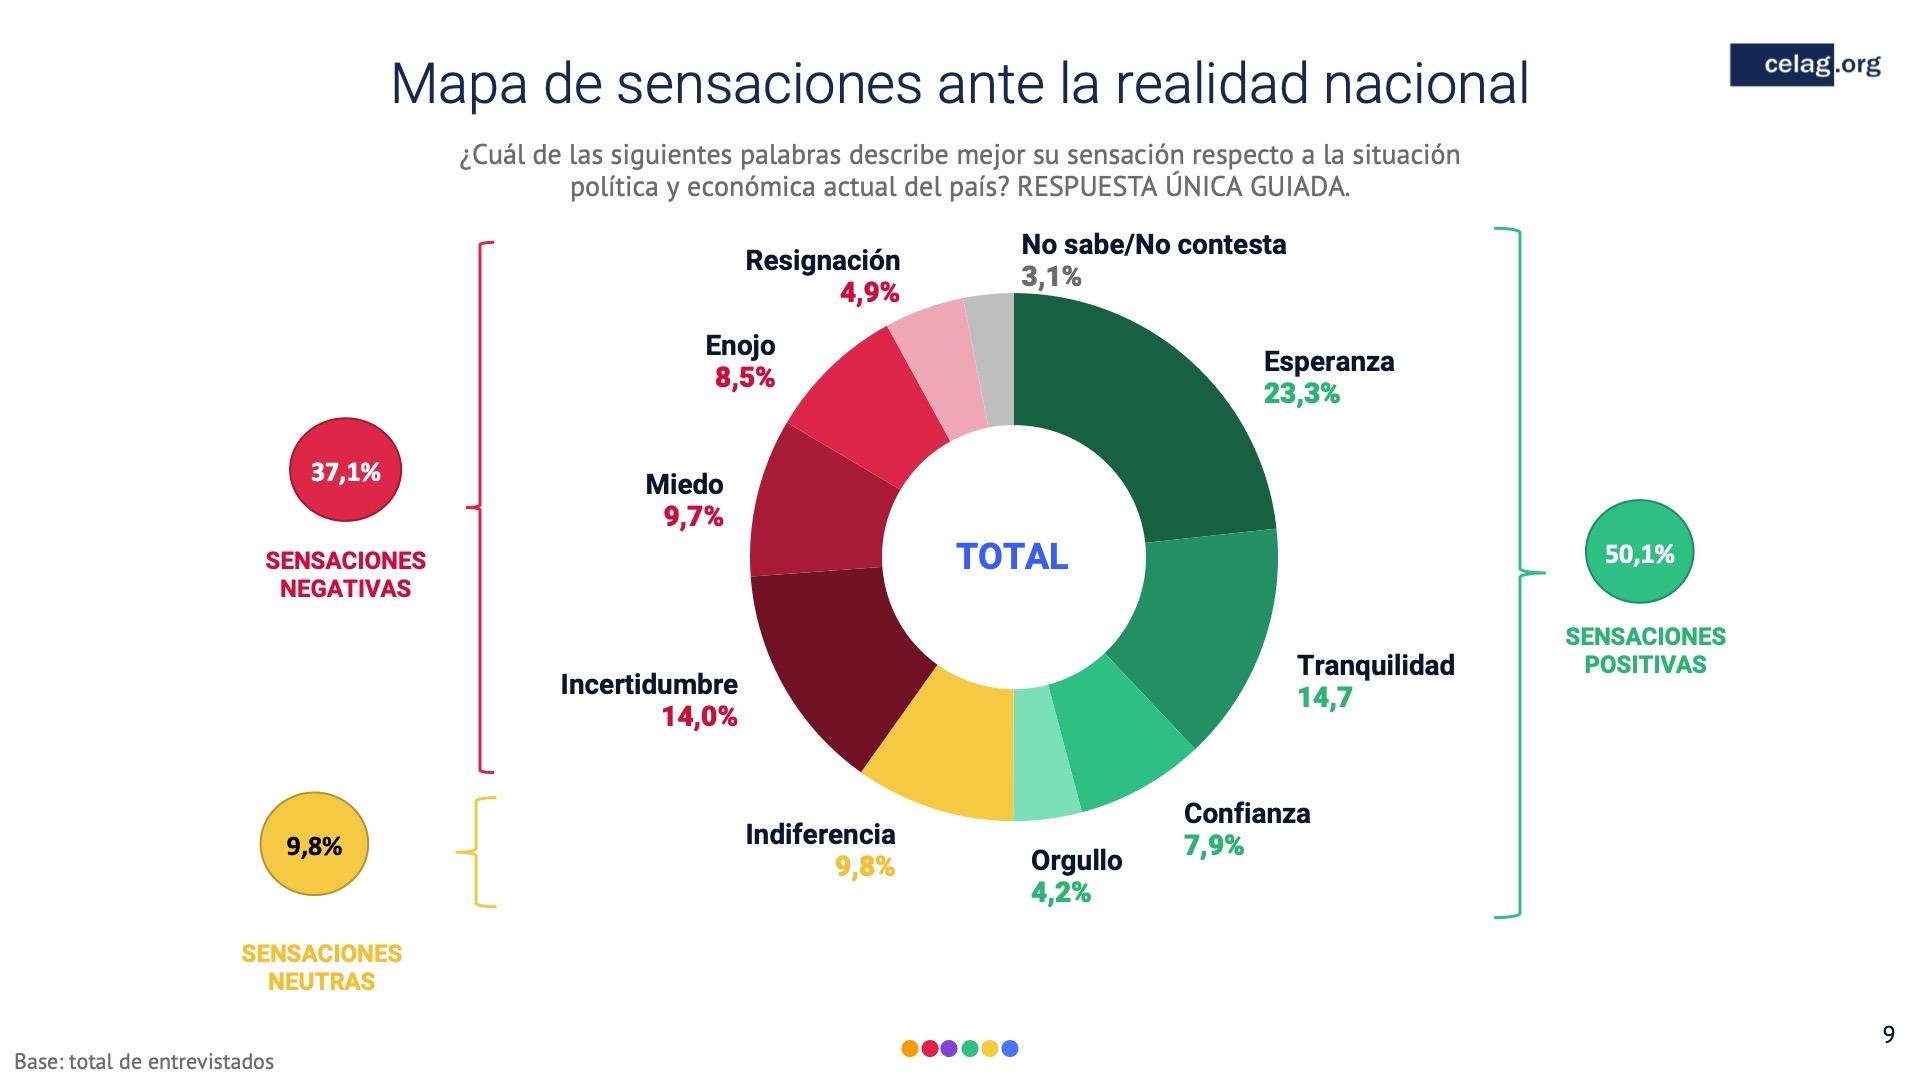 09 Elecciones bolivia realidad nacional